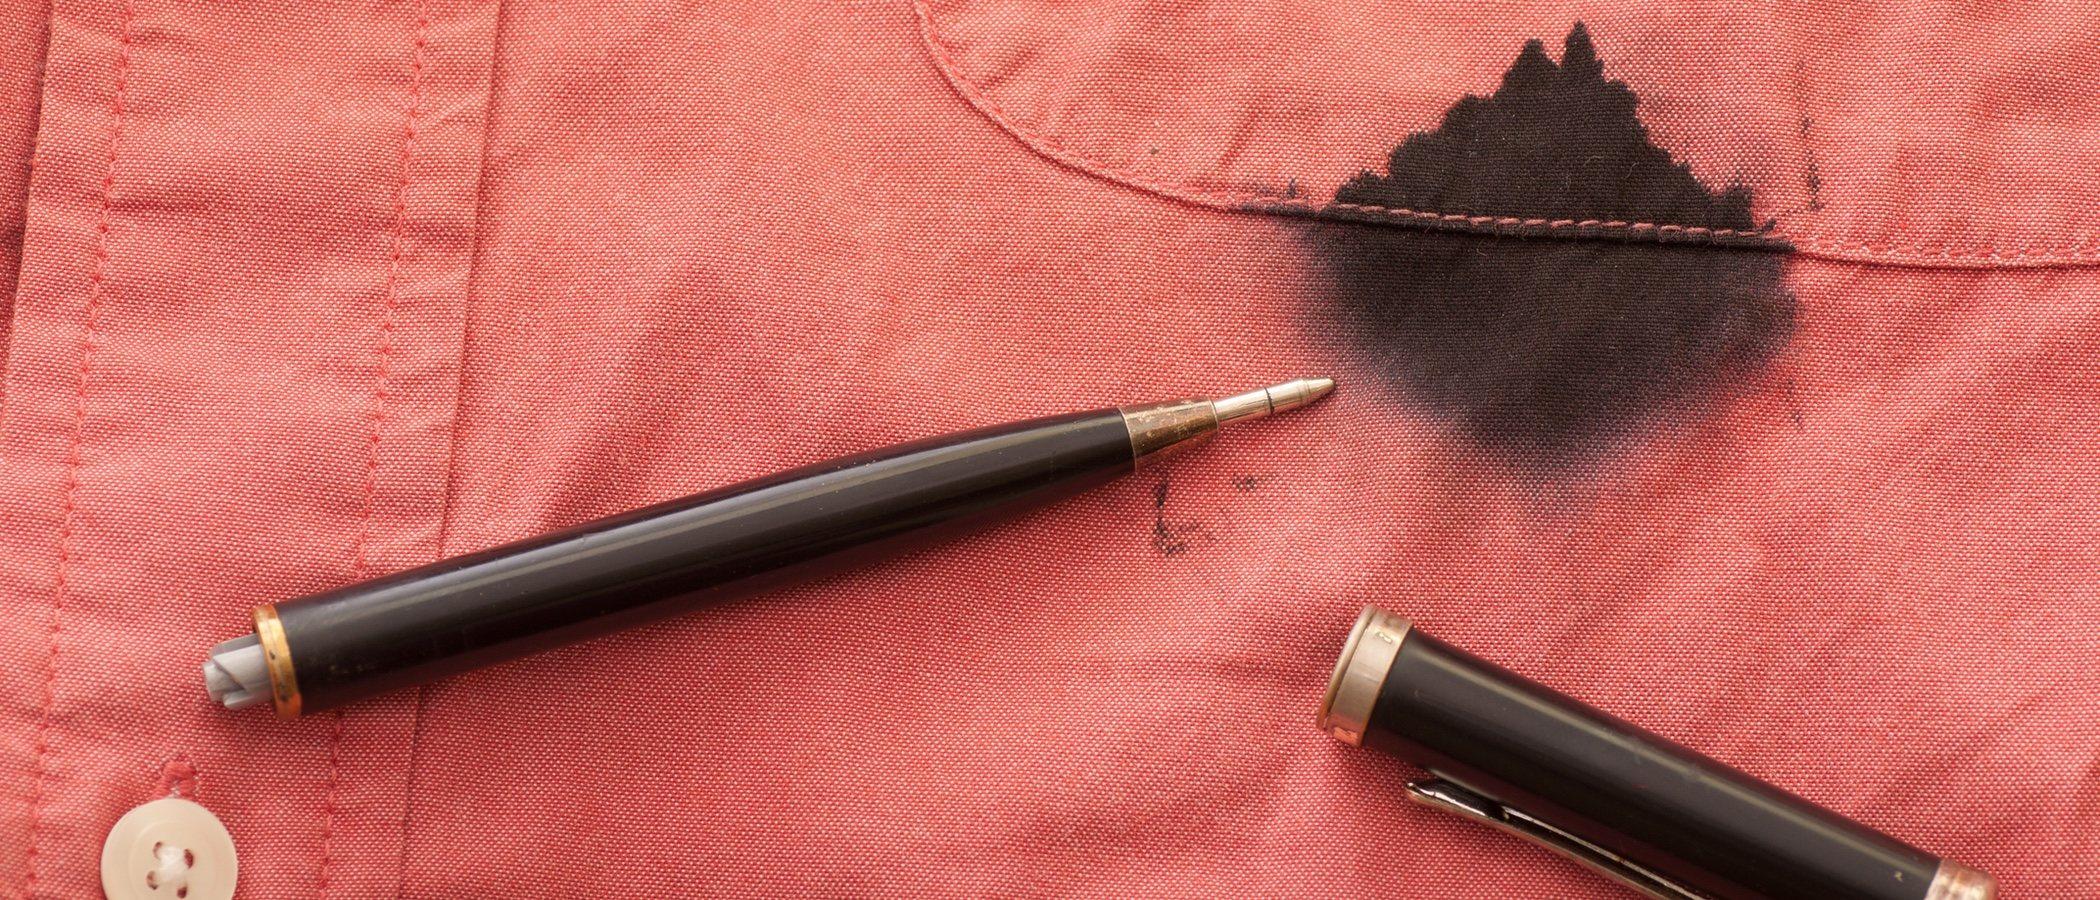 Cómo quitar manchas de bolígrafo de la ropa